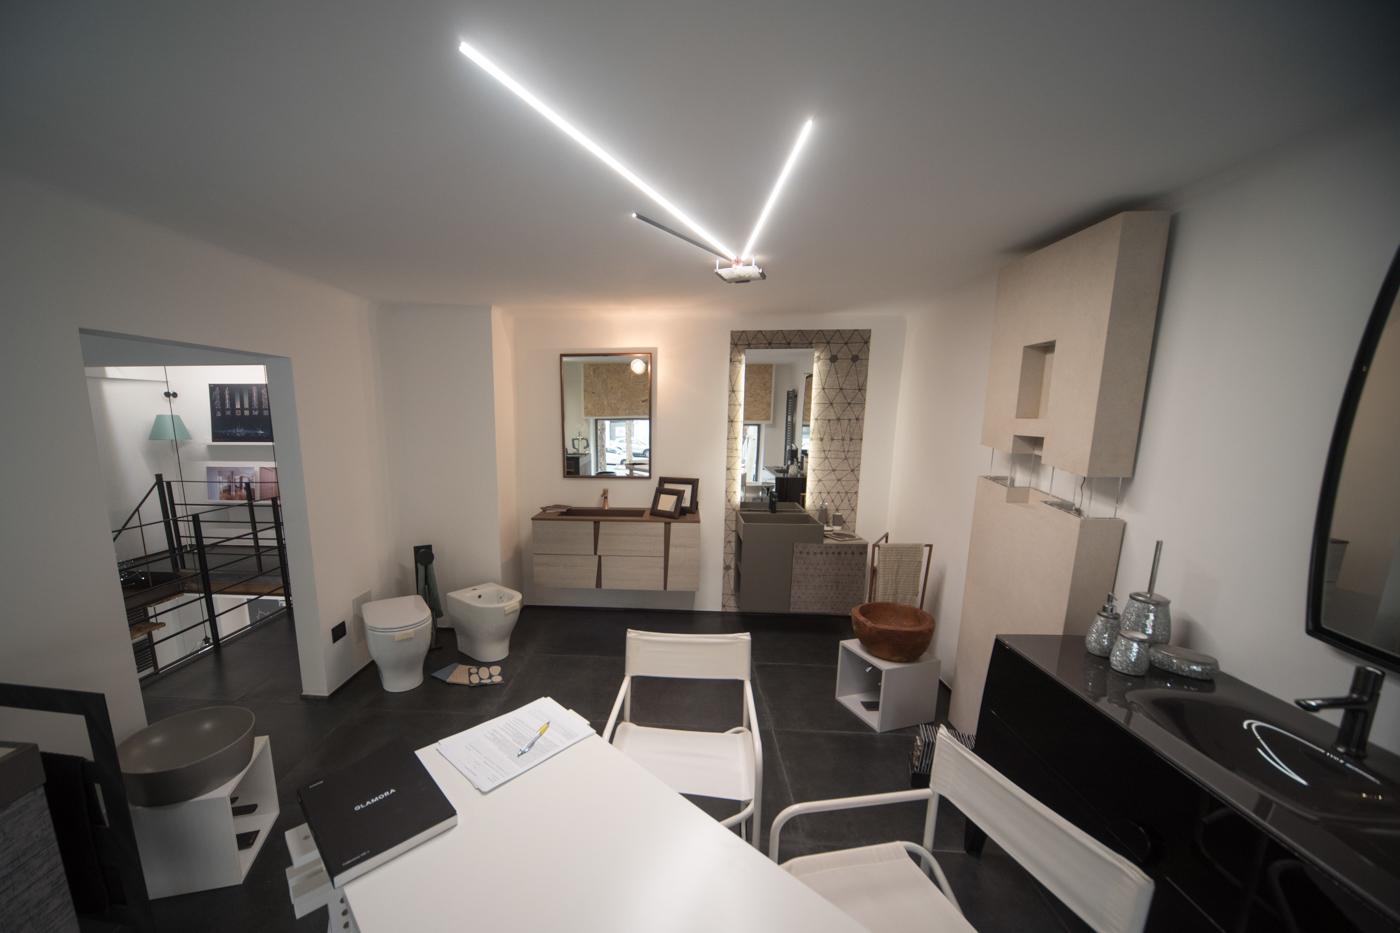 valentina solera, architetto, interior, ristrutturazione, genova, liguria, italy, interior5-18.jpg